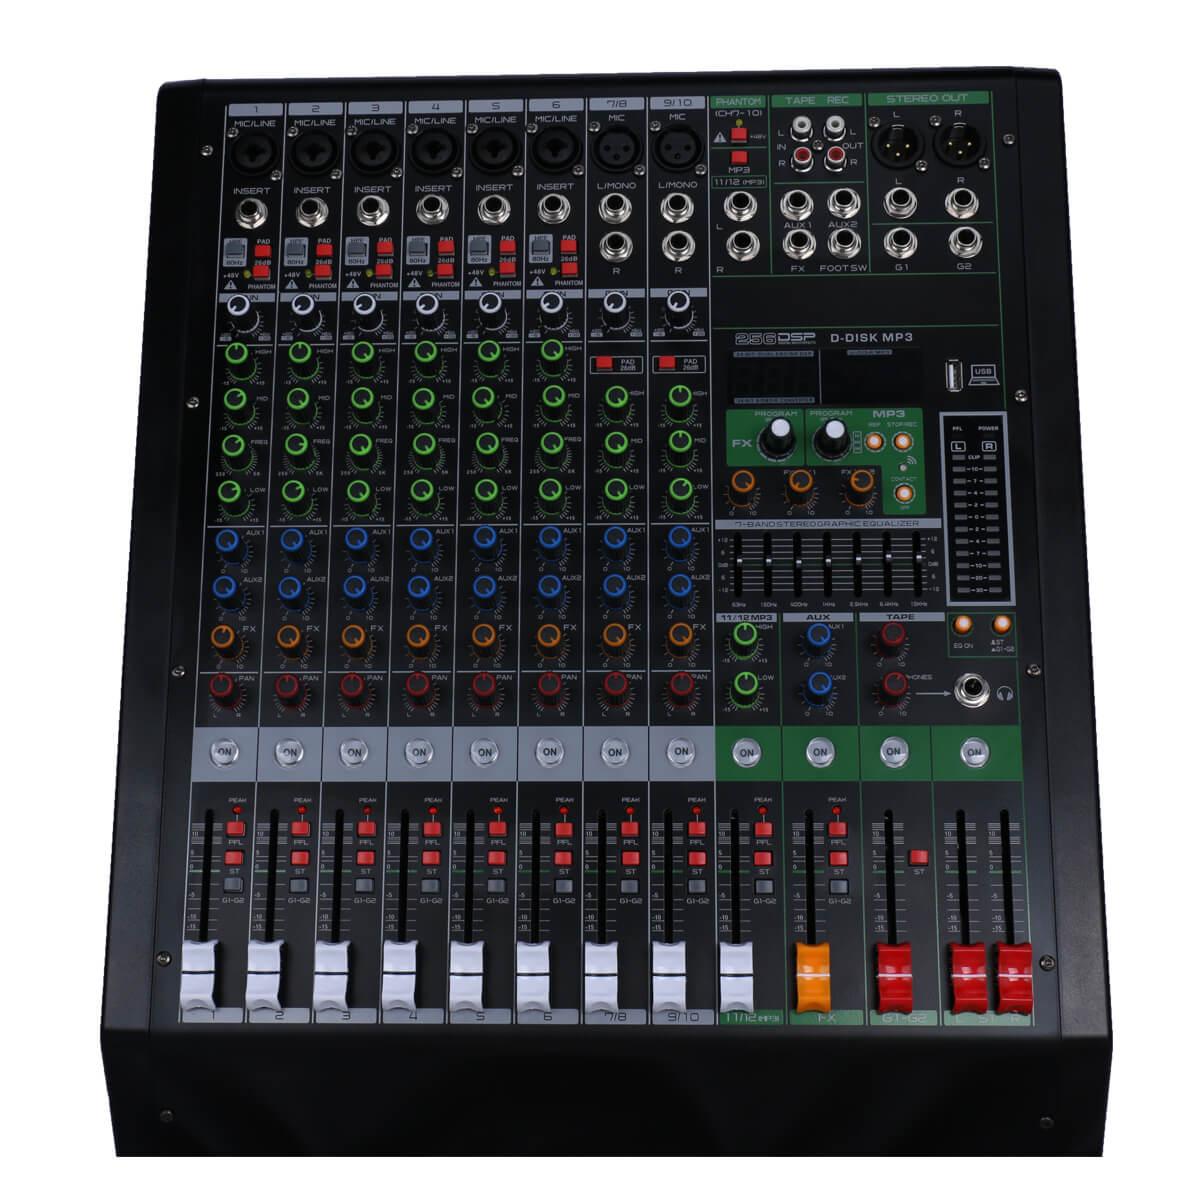 المهنية جهاز مزج الصوت 10 قناة خلط وحدة التحكم الرقمية 256 DSP استوديو كارت الصوت مع واجهة بلوتوث USB